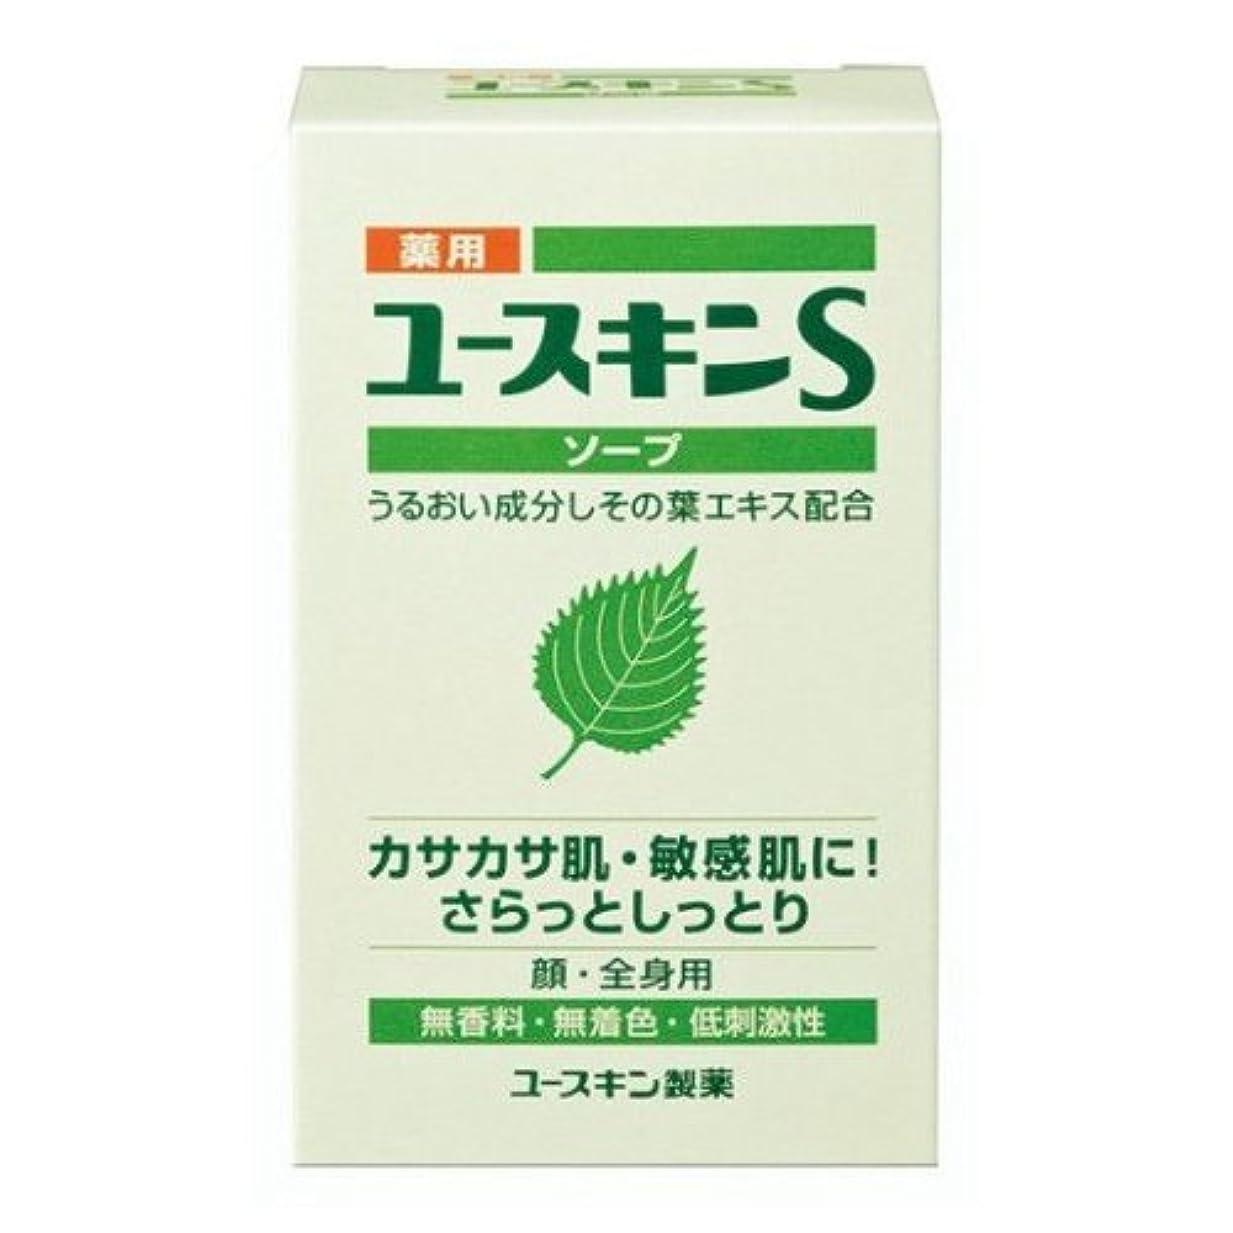 シロクマ理容師リラックス薬用ユースキンS ソープ 90g (敏感肌用 透明石鹸) 【医薬部外品】